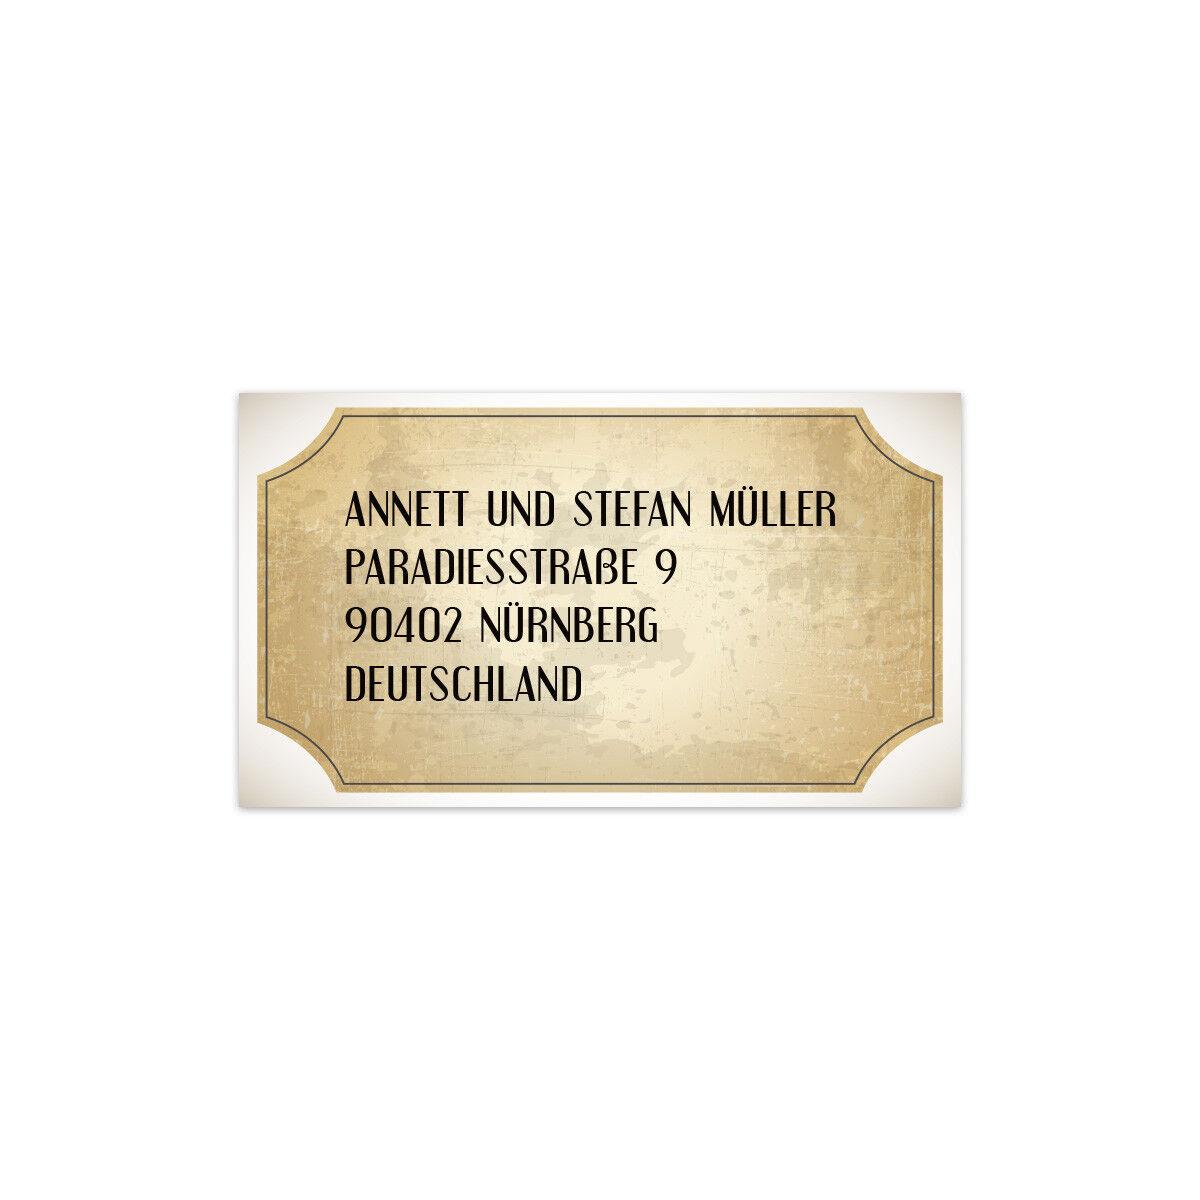 Hochzeit Hochzeit Hochzeit Absenderaufkleber Adressaufkleber Etikett Label Vintage Brautpaar Weiß b4e55a